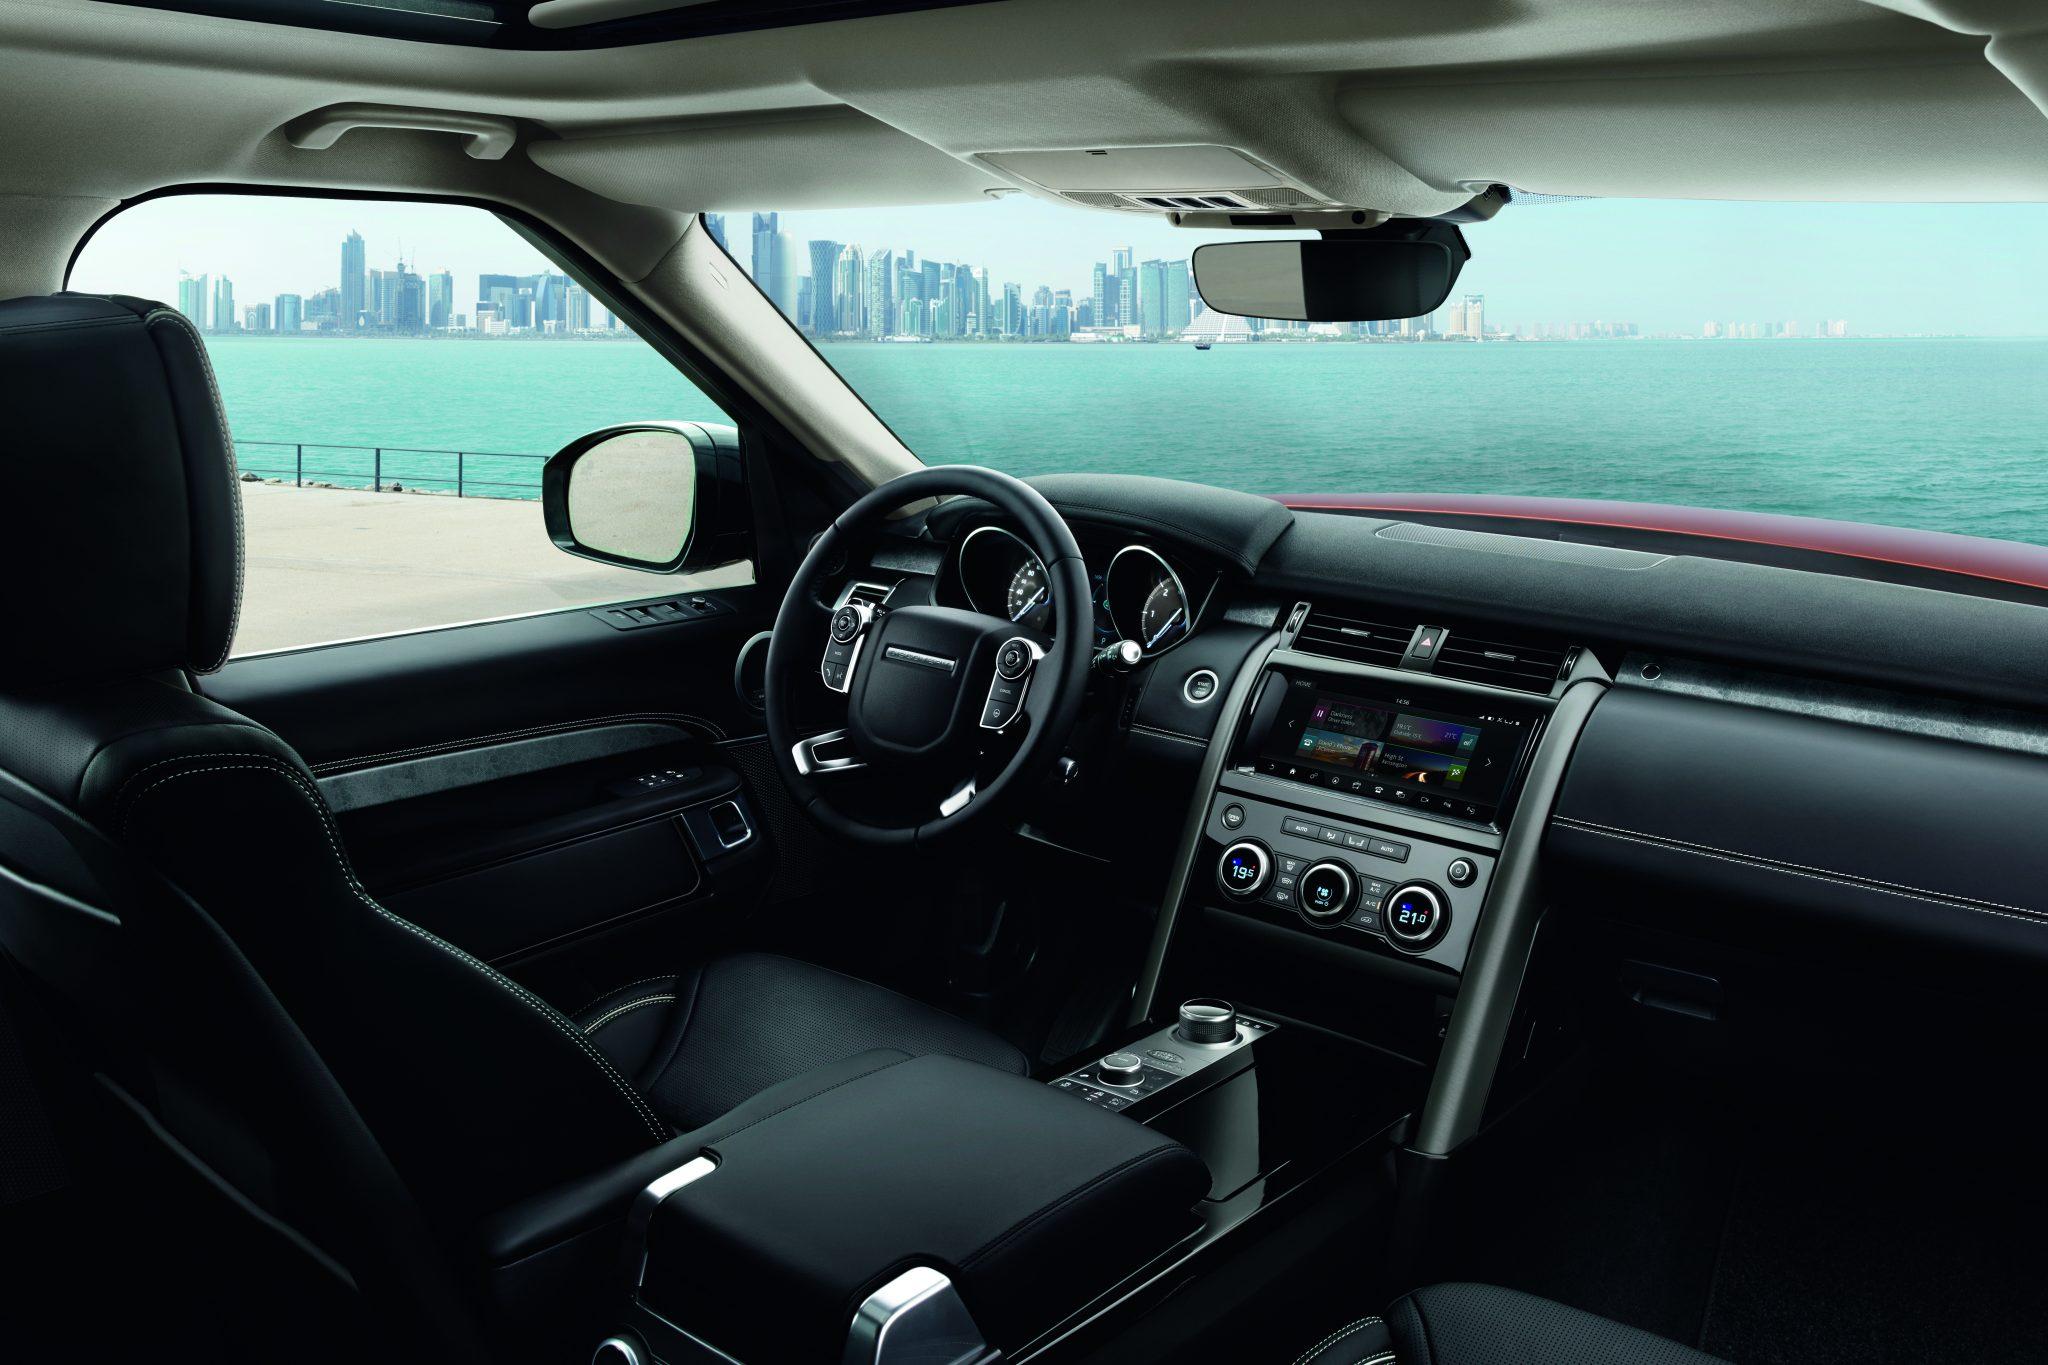 Range Rover Discovery bei Auto Stahl Innenansicht